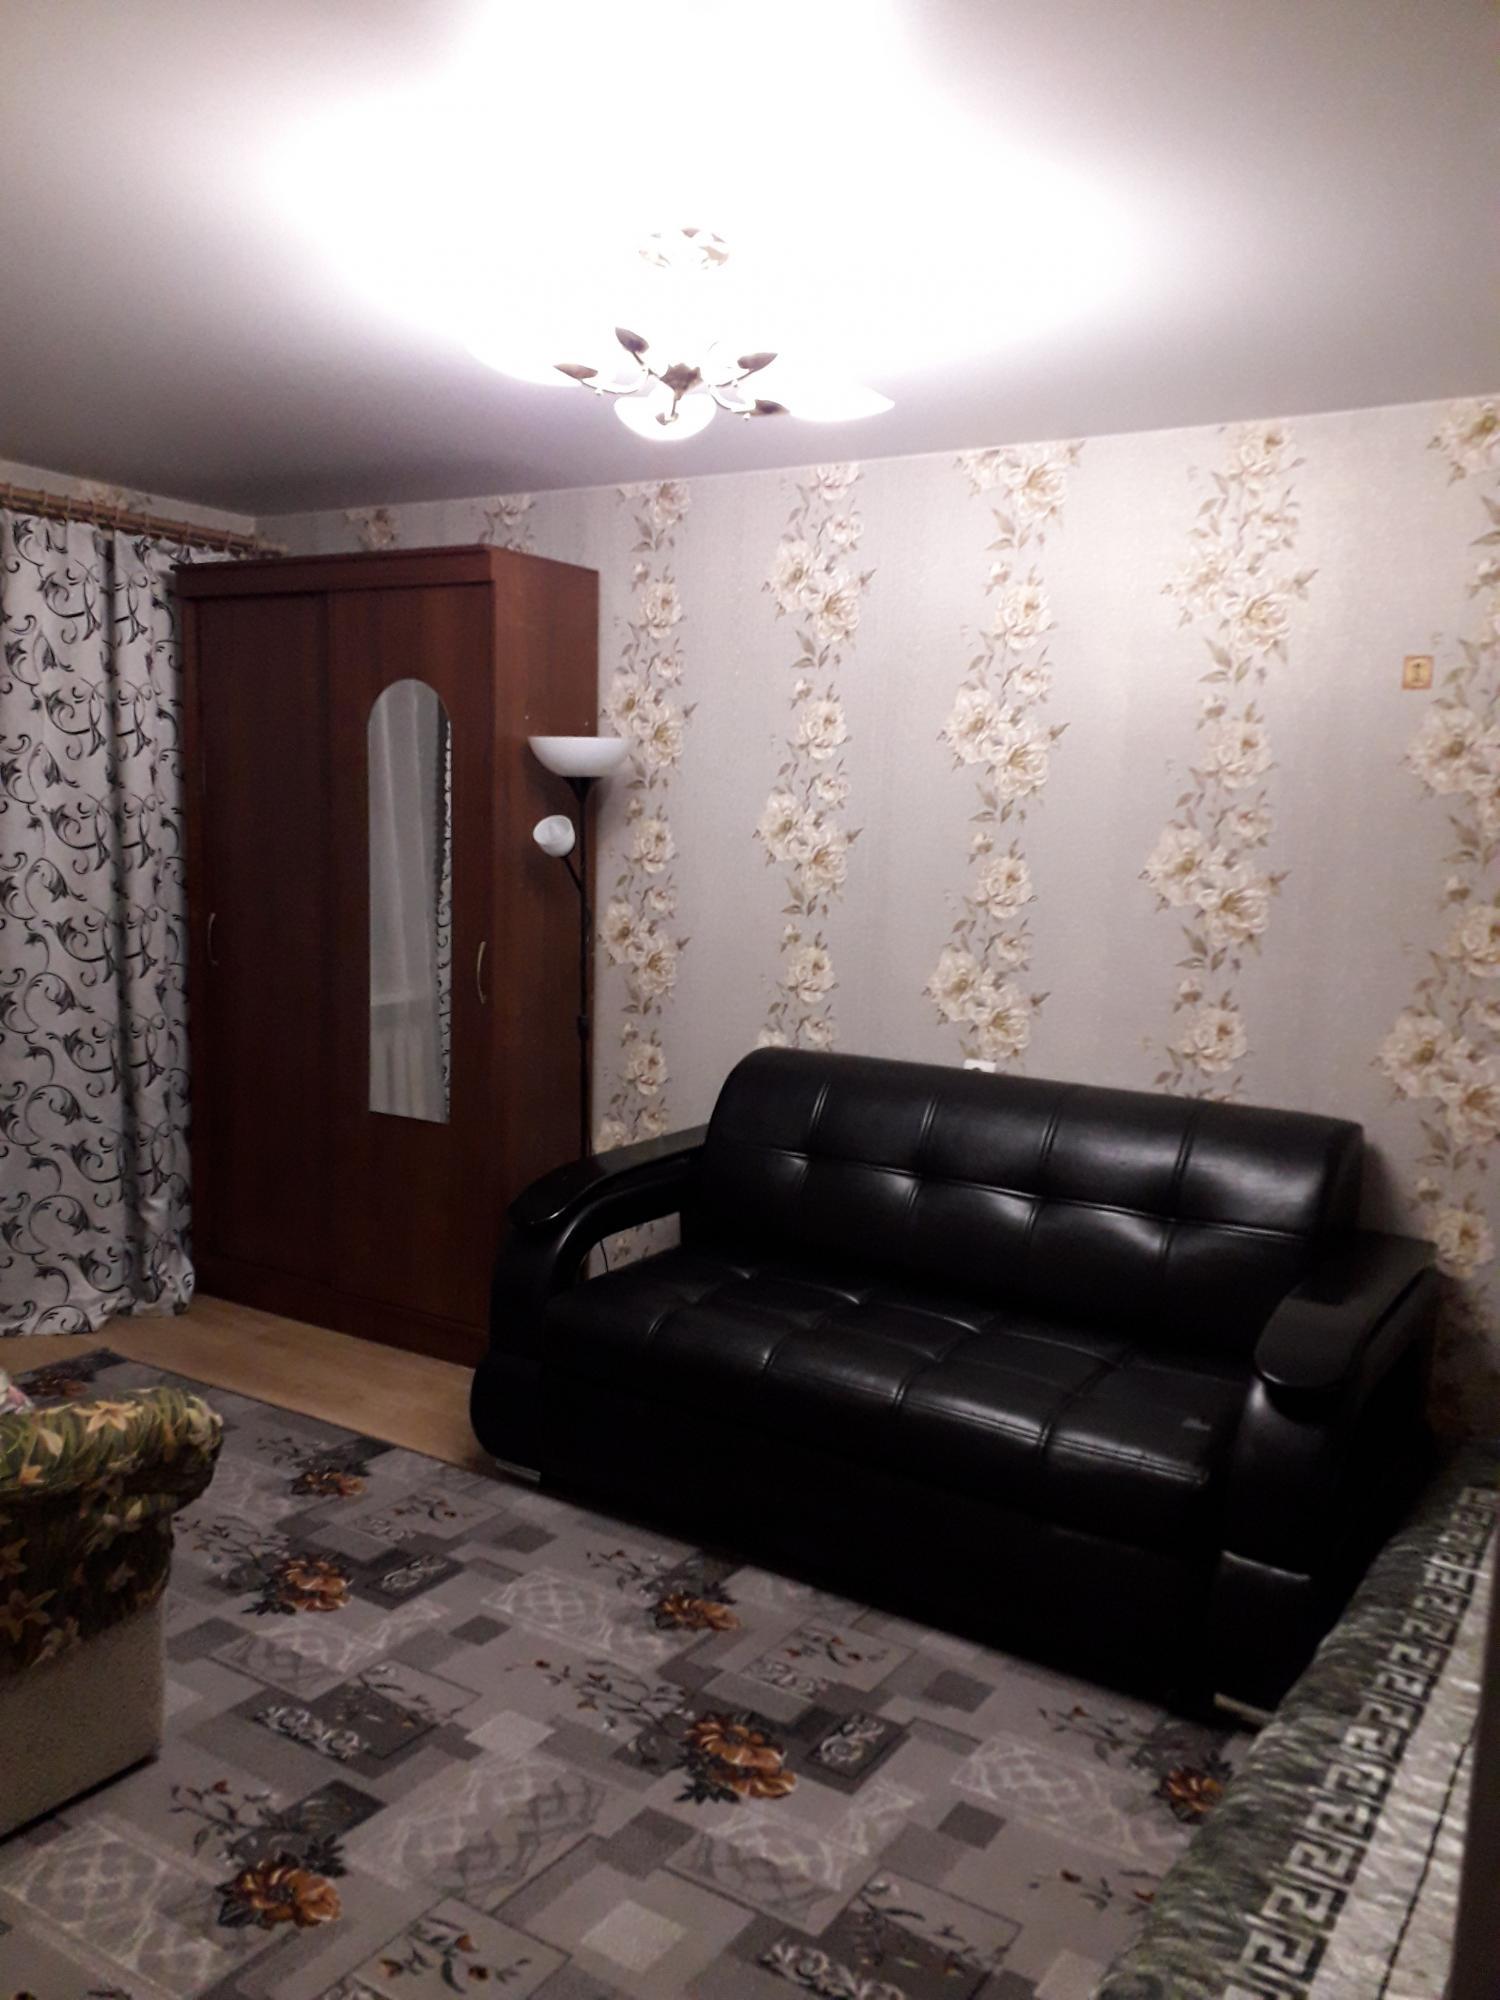 Аренда 1-комнатной квартиры, г. Тольятти, Мира улица  дом 29